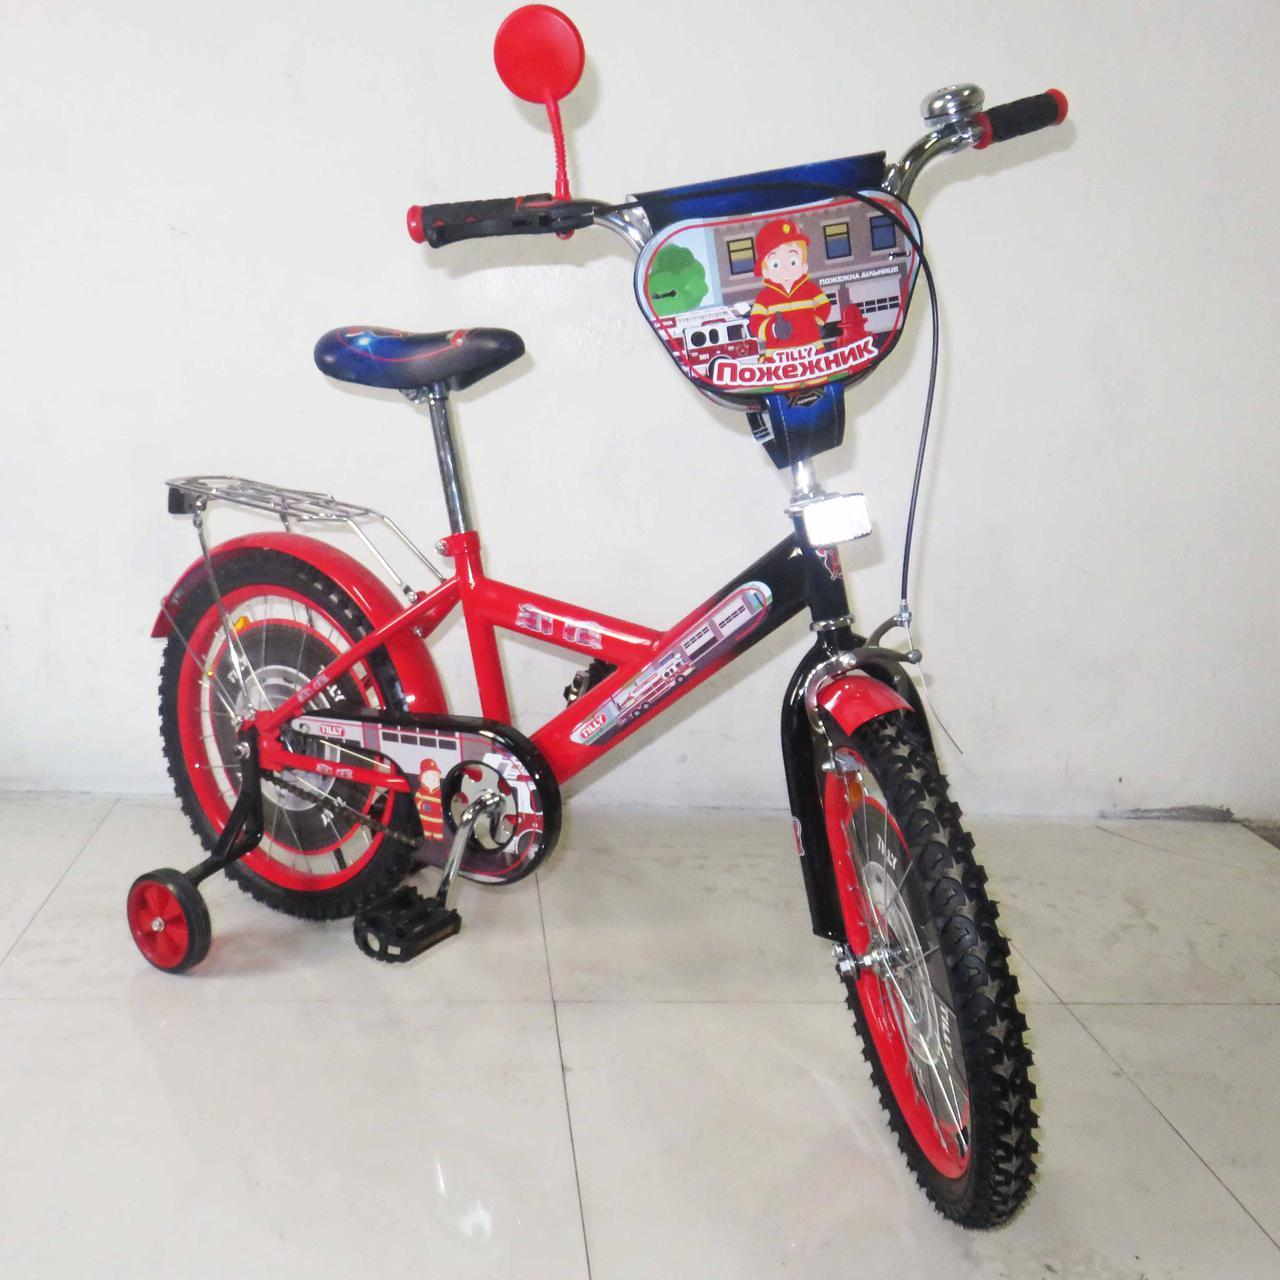 Велосипед детский двухколесный 18 дюймов Пожежник  T-21829 red + black